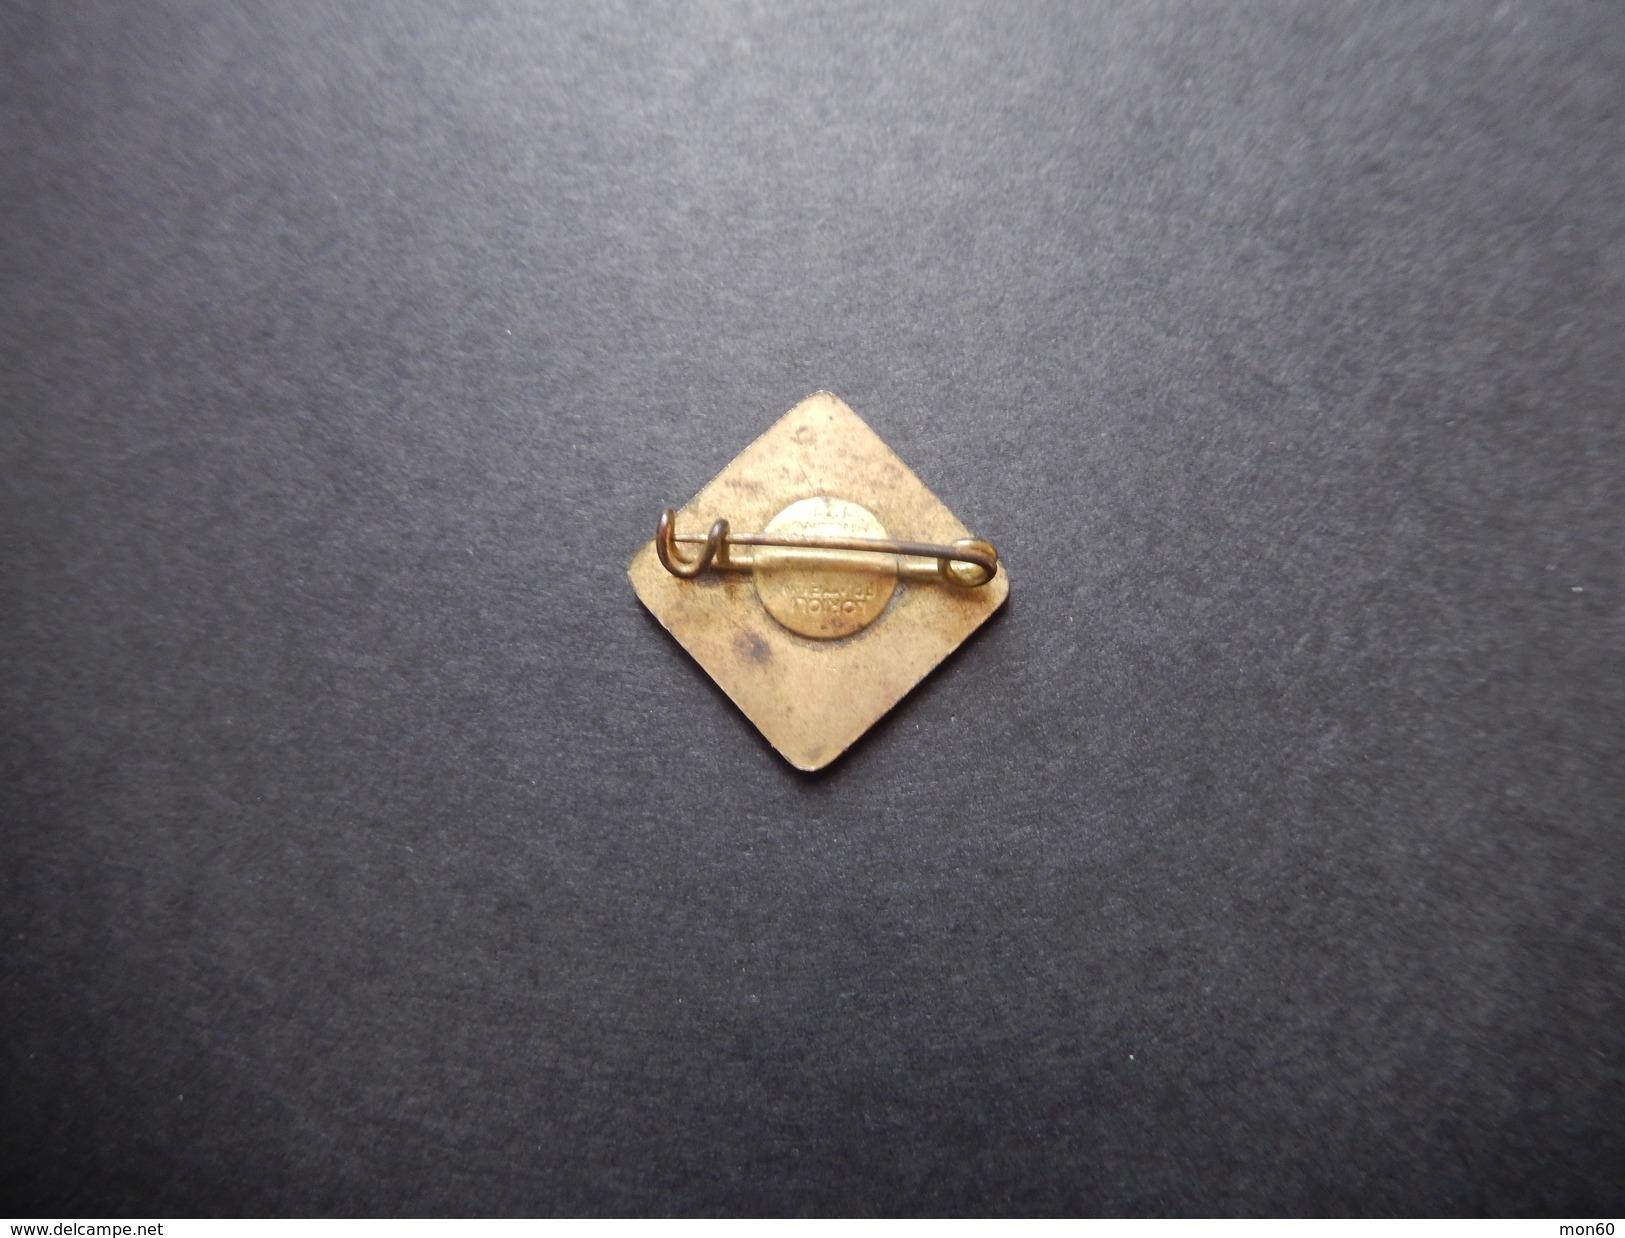 Pin C.R.I.G. Pioniere Della Fraternità (Lorioli)  -P386 - Pin's